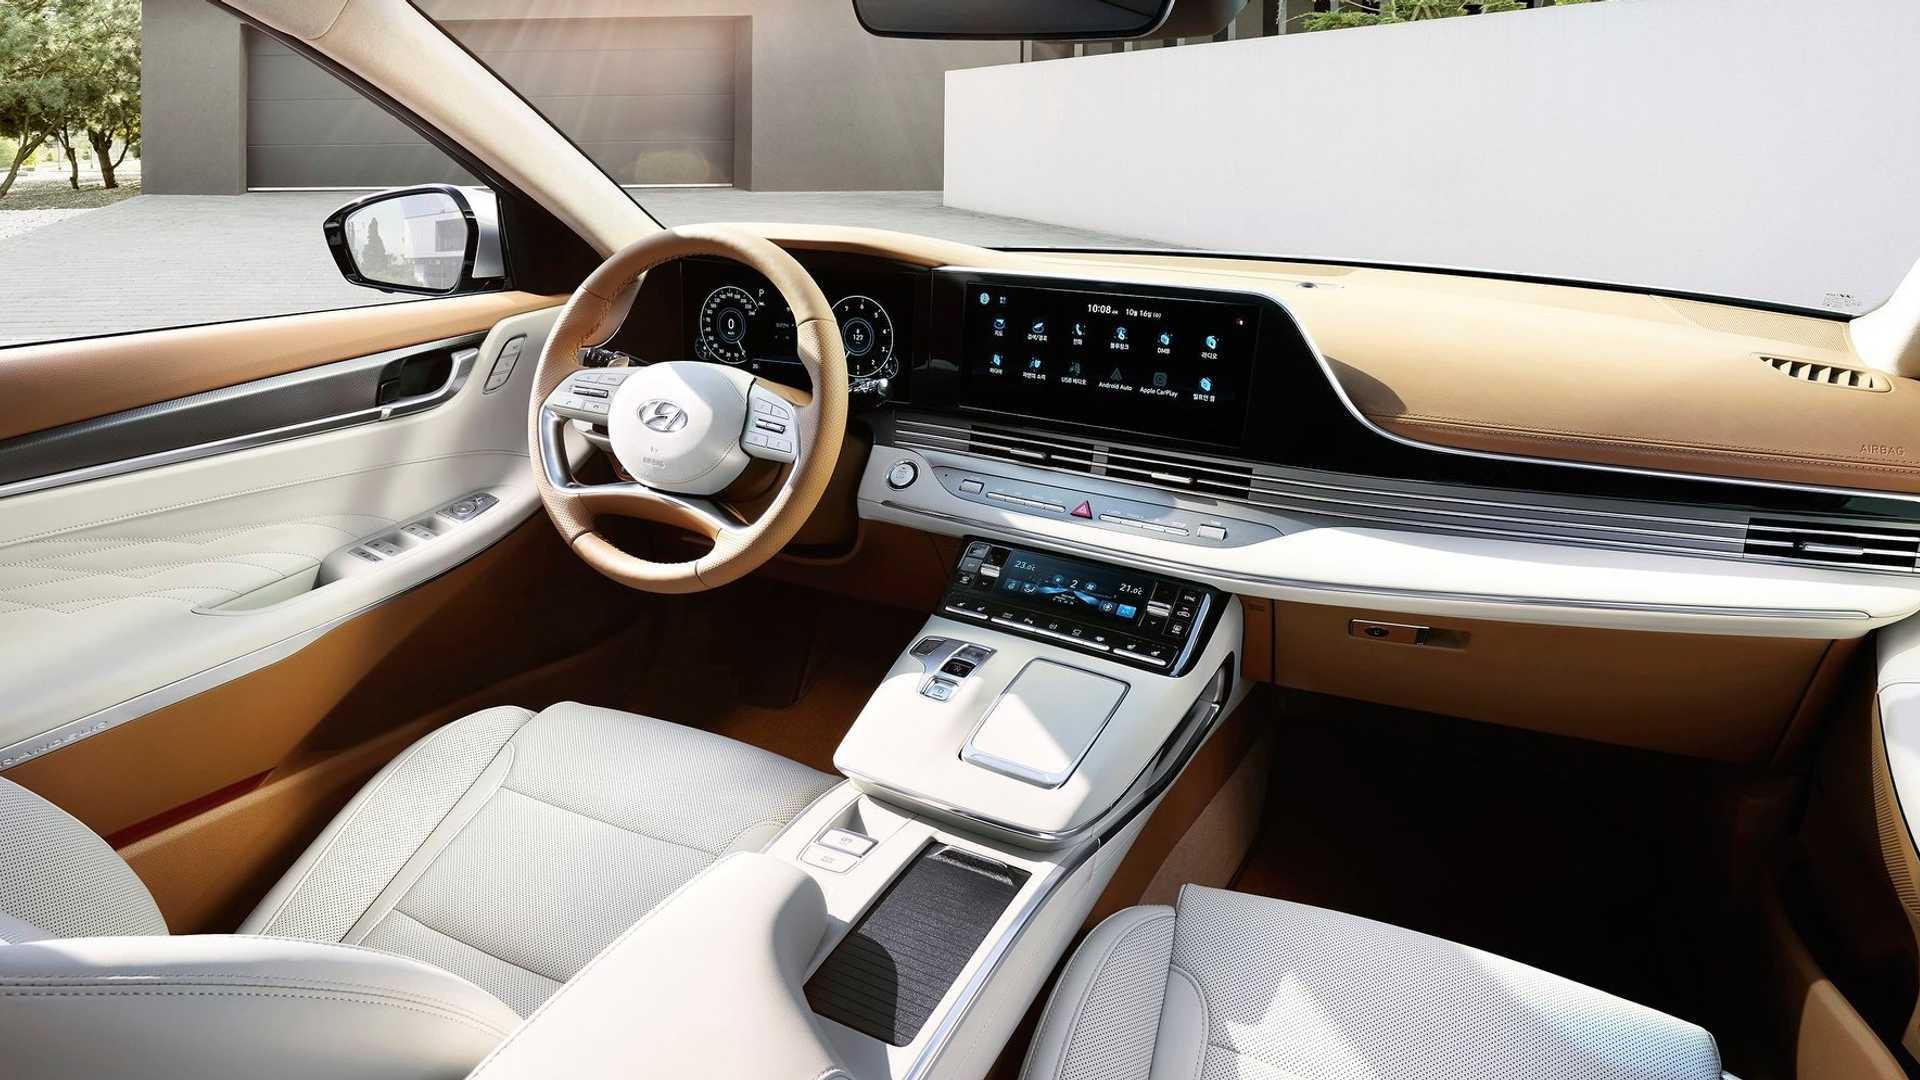 2020_Hyundai_Grandeur_Facelift_0003